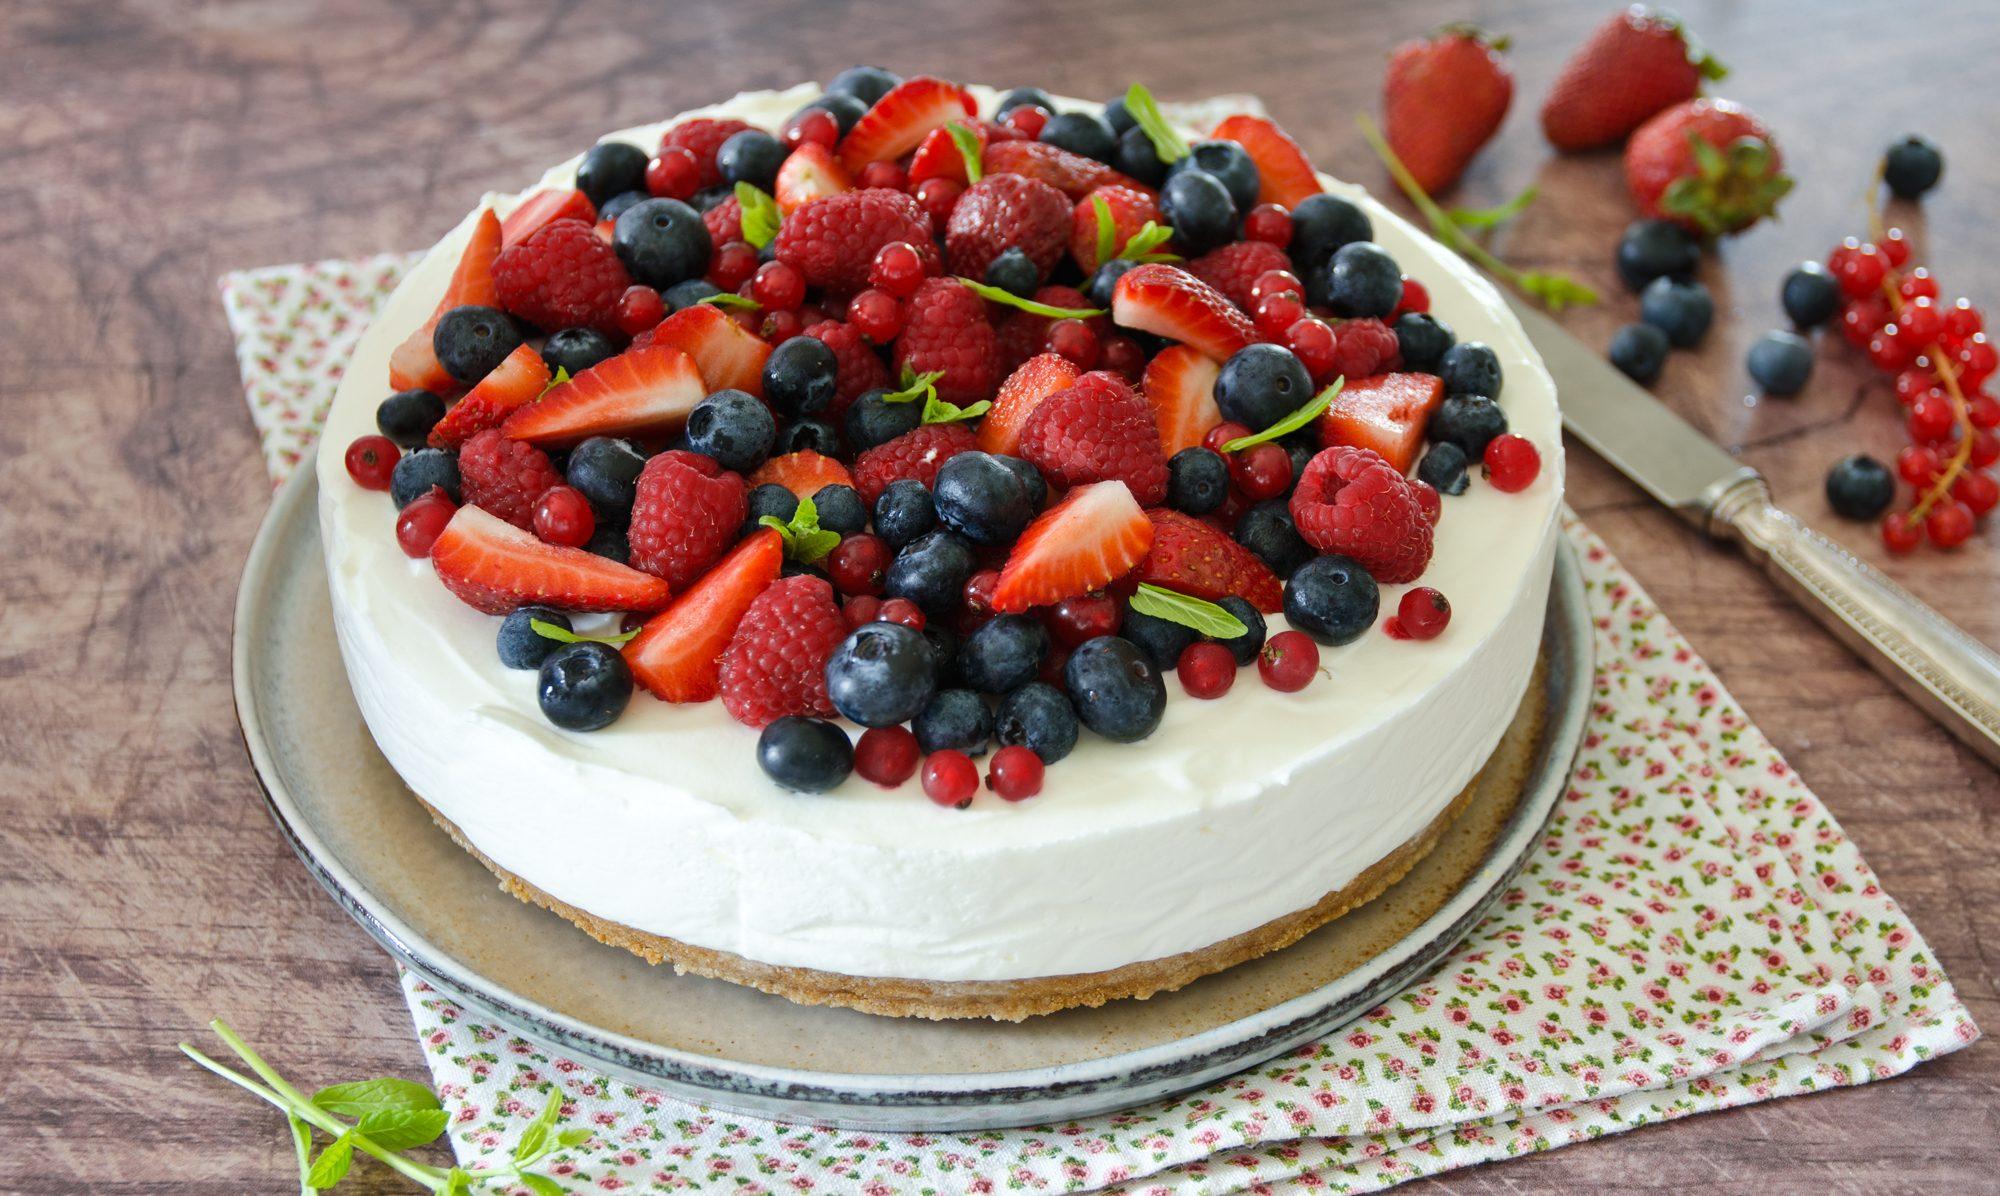 Cheesecake fredda senza gelatina: la ricetta del dessert goloso e senza cottura